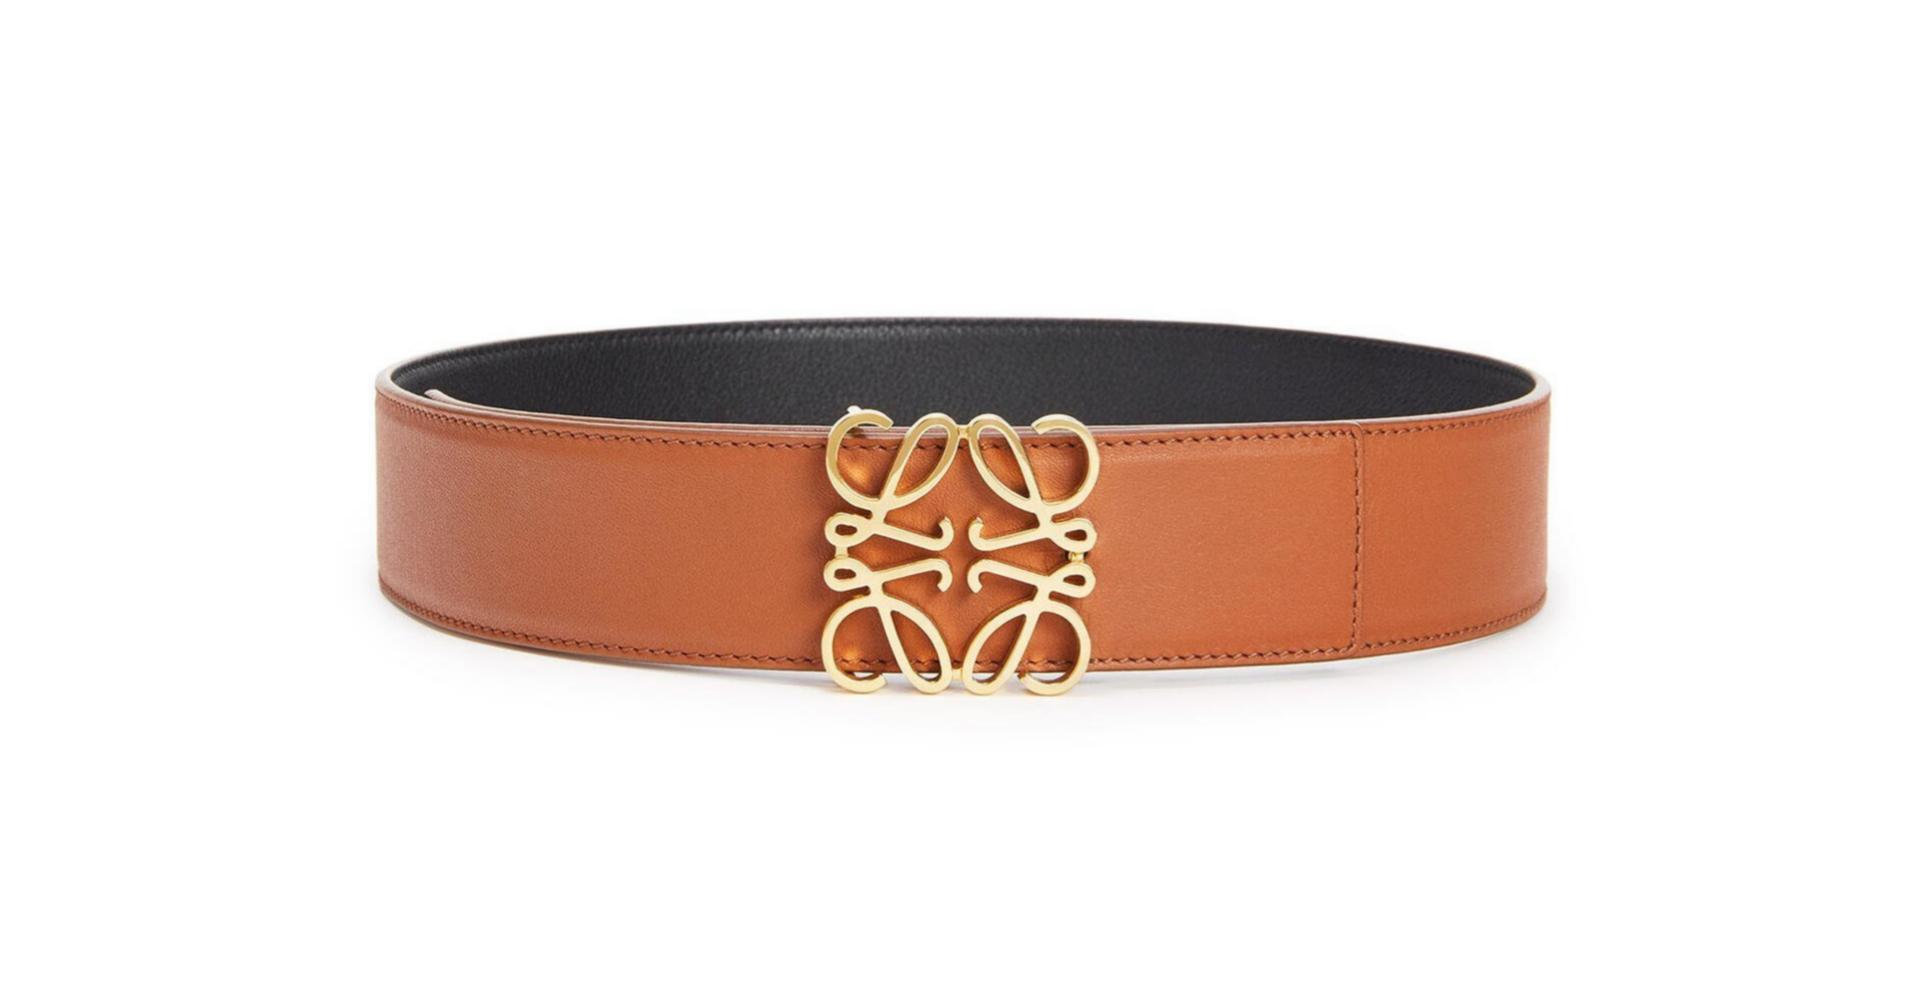 Cinturón de piel de becerro de Loewe (395 euros)